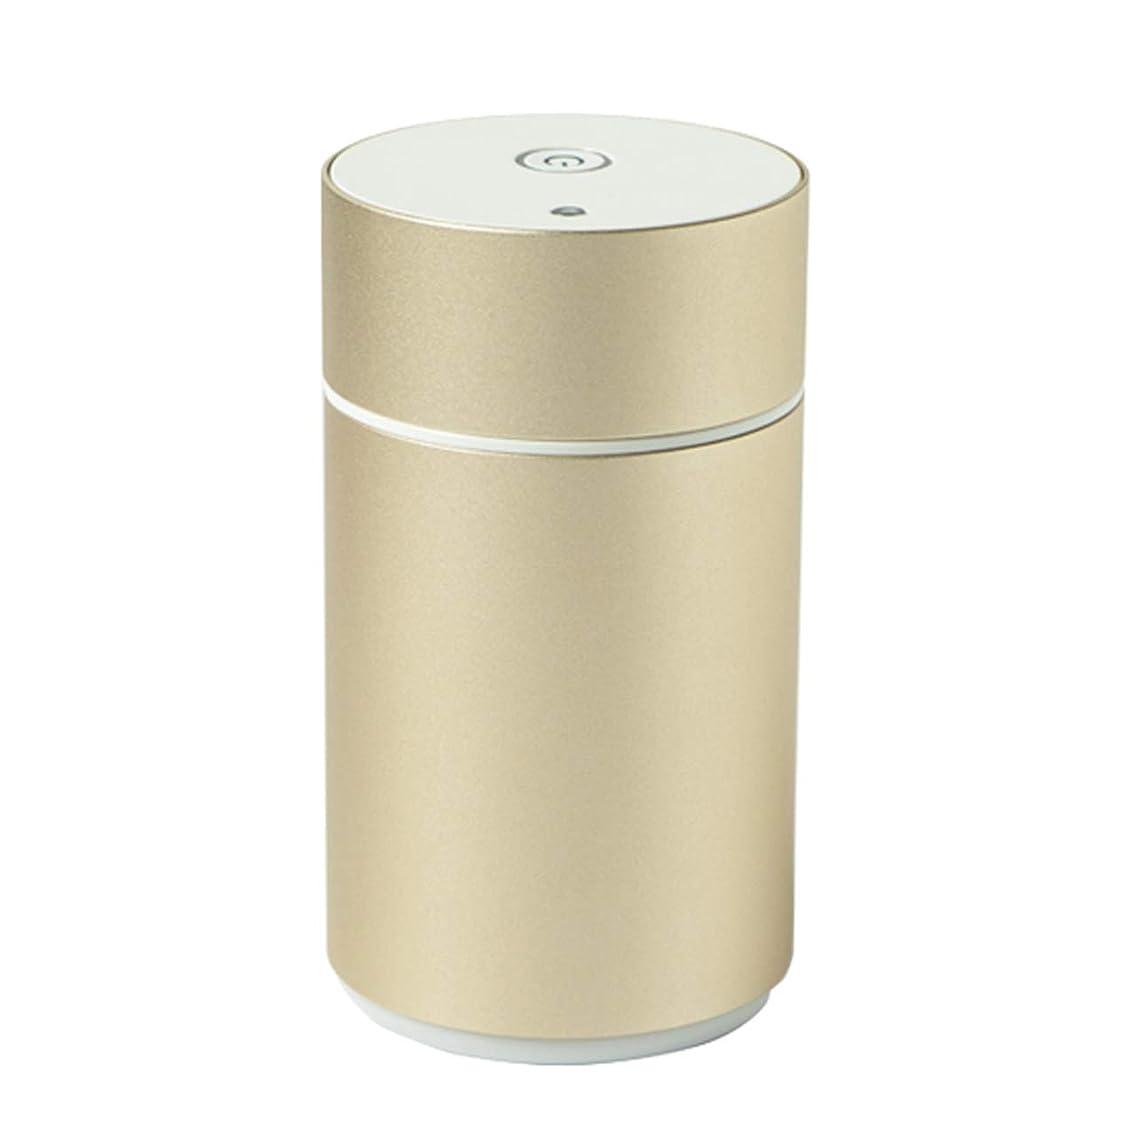 おじさん開梱振動させる生活の木 アロモア ミニ ゴールド (aromore mini gold) (エッセンシャルオイルディフューザー) (圧縮微粒子式アロマディフューザー)